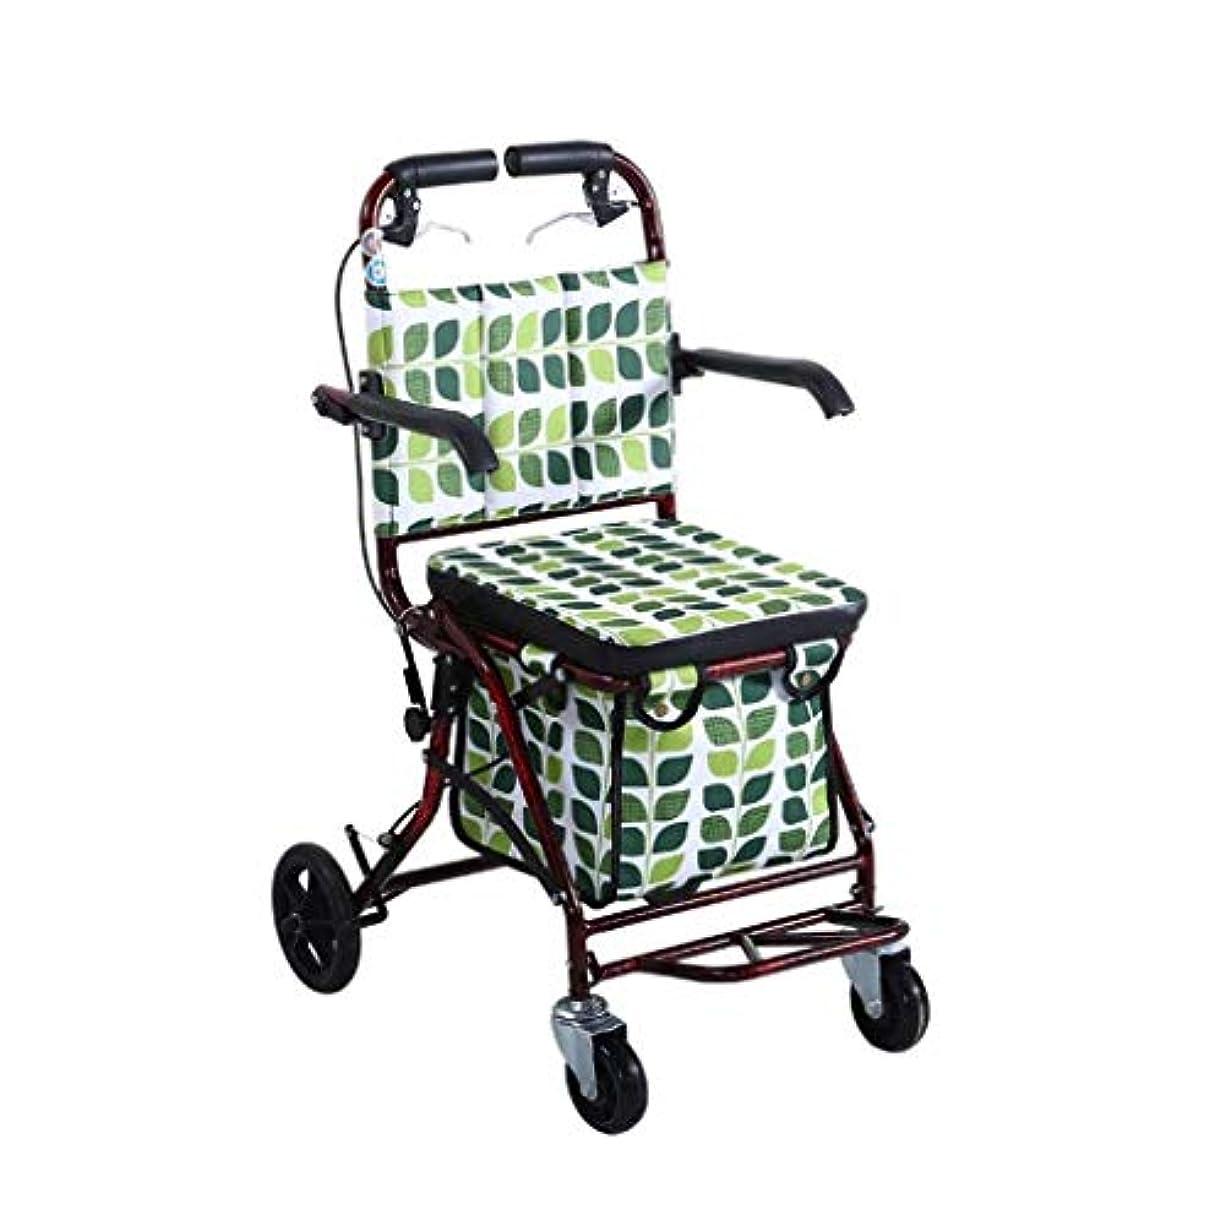 ショッピングトロリー、老人ポータブル四輪歩行者は、背もたれ、パッド入りシート、フットレスト付きの折りたたみ車椅子に乗る